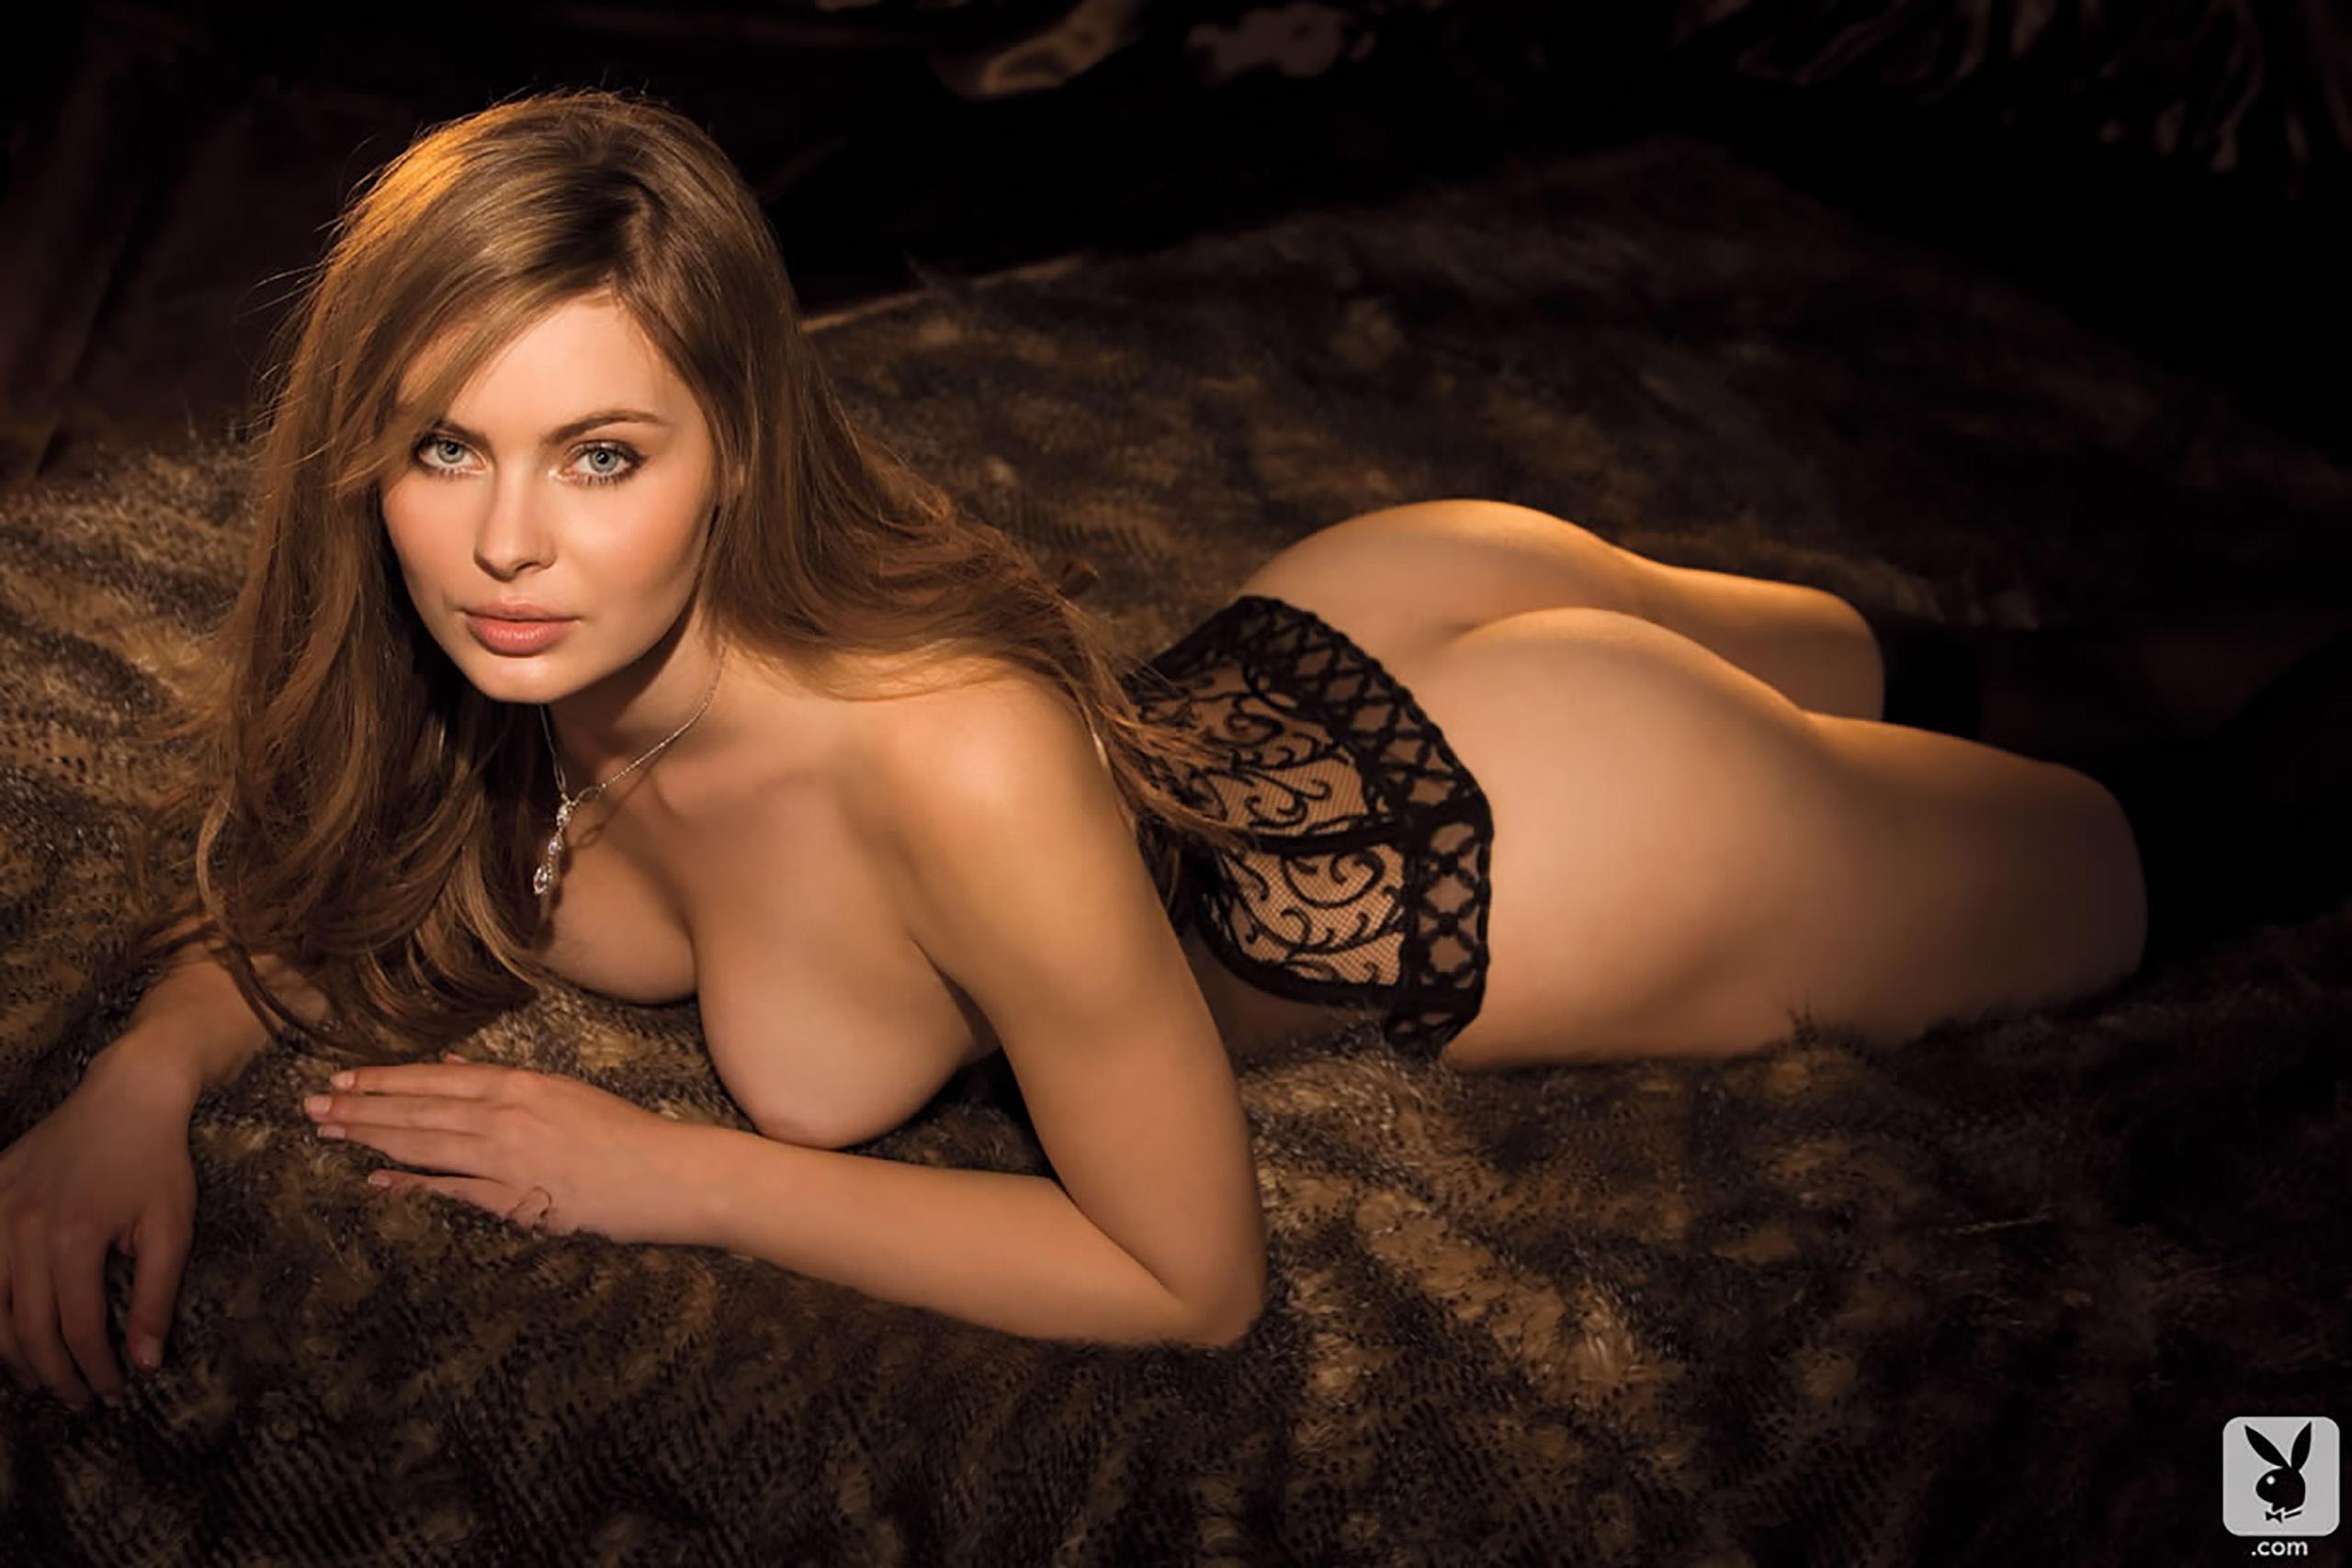 Самая сексуальная девушка месяца 20 фотография